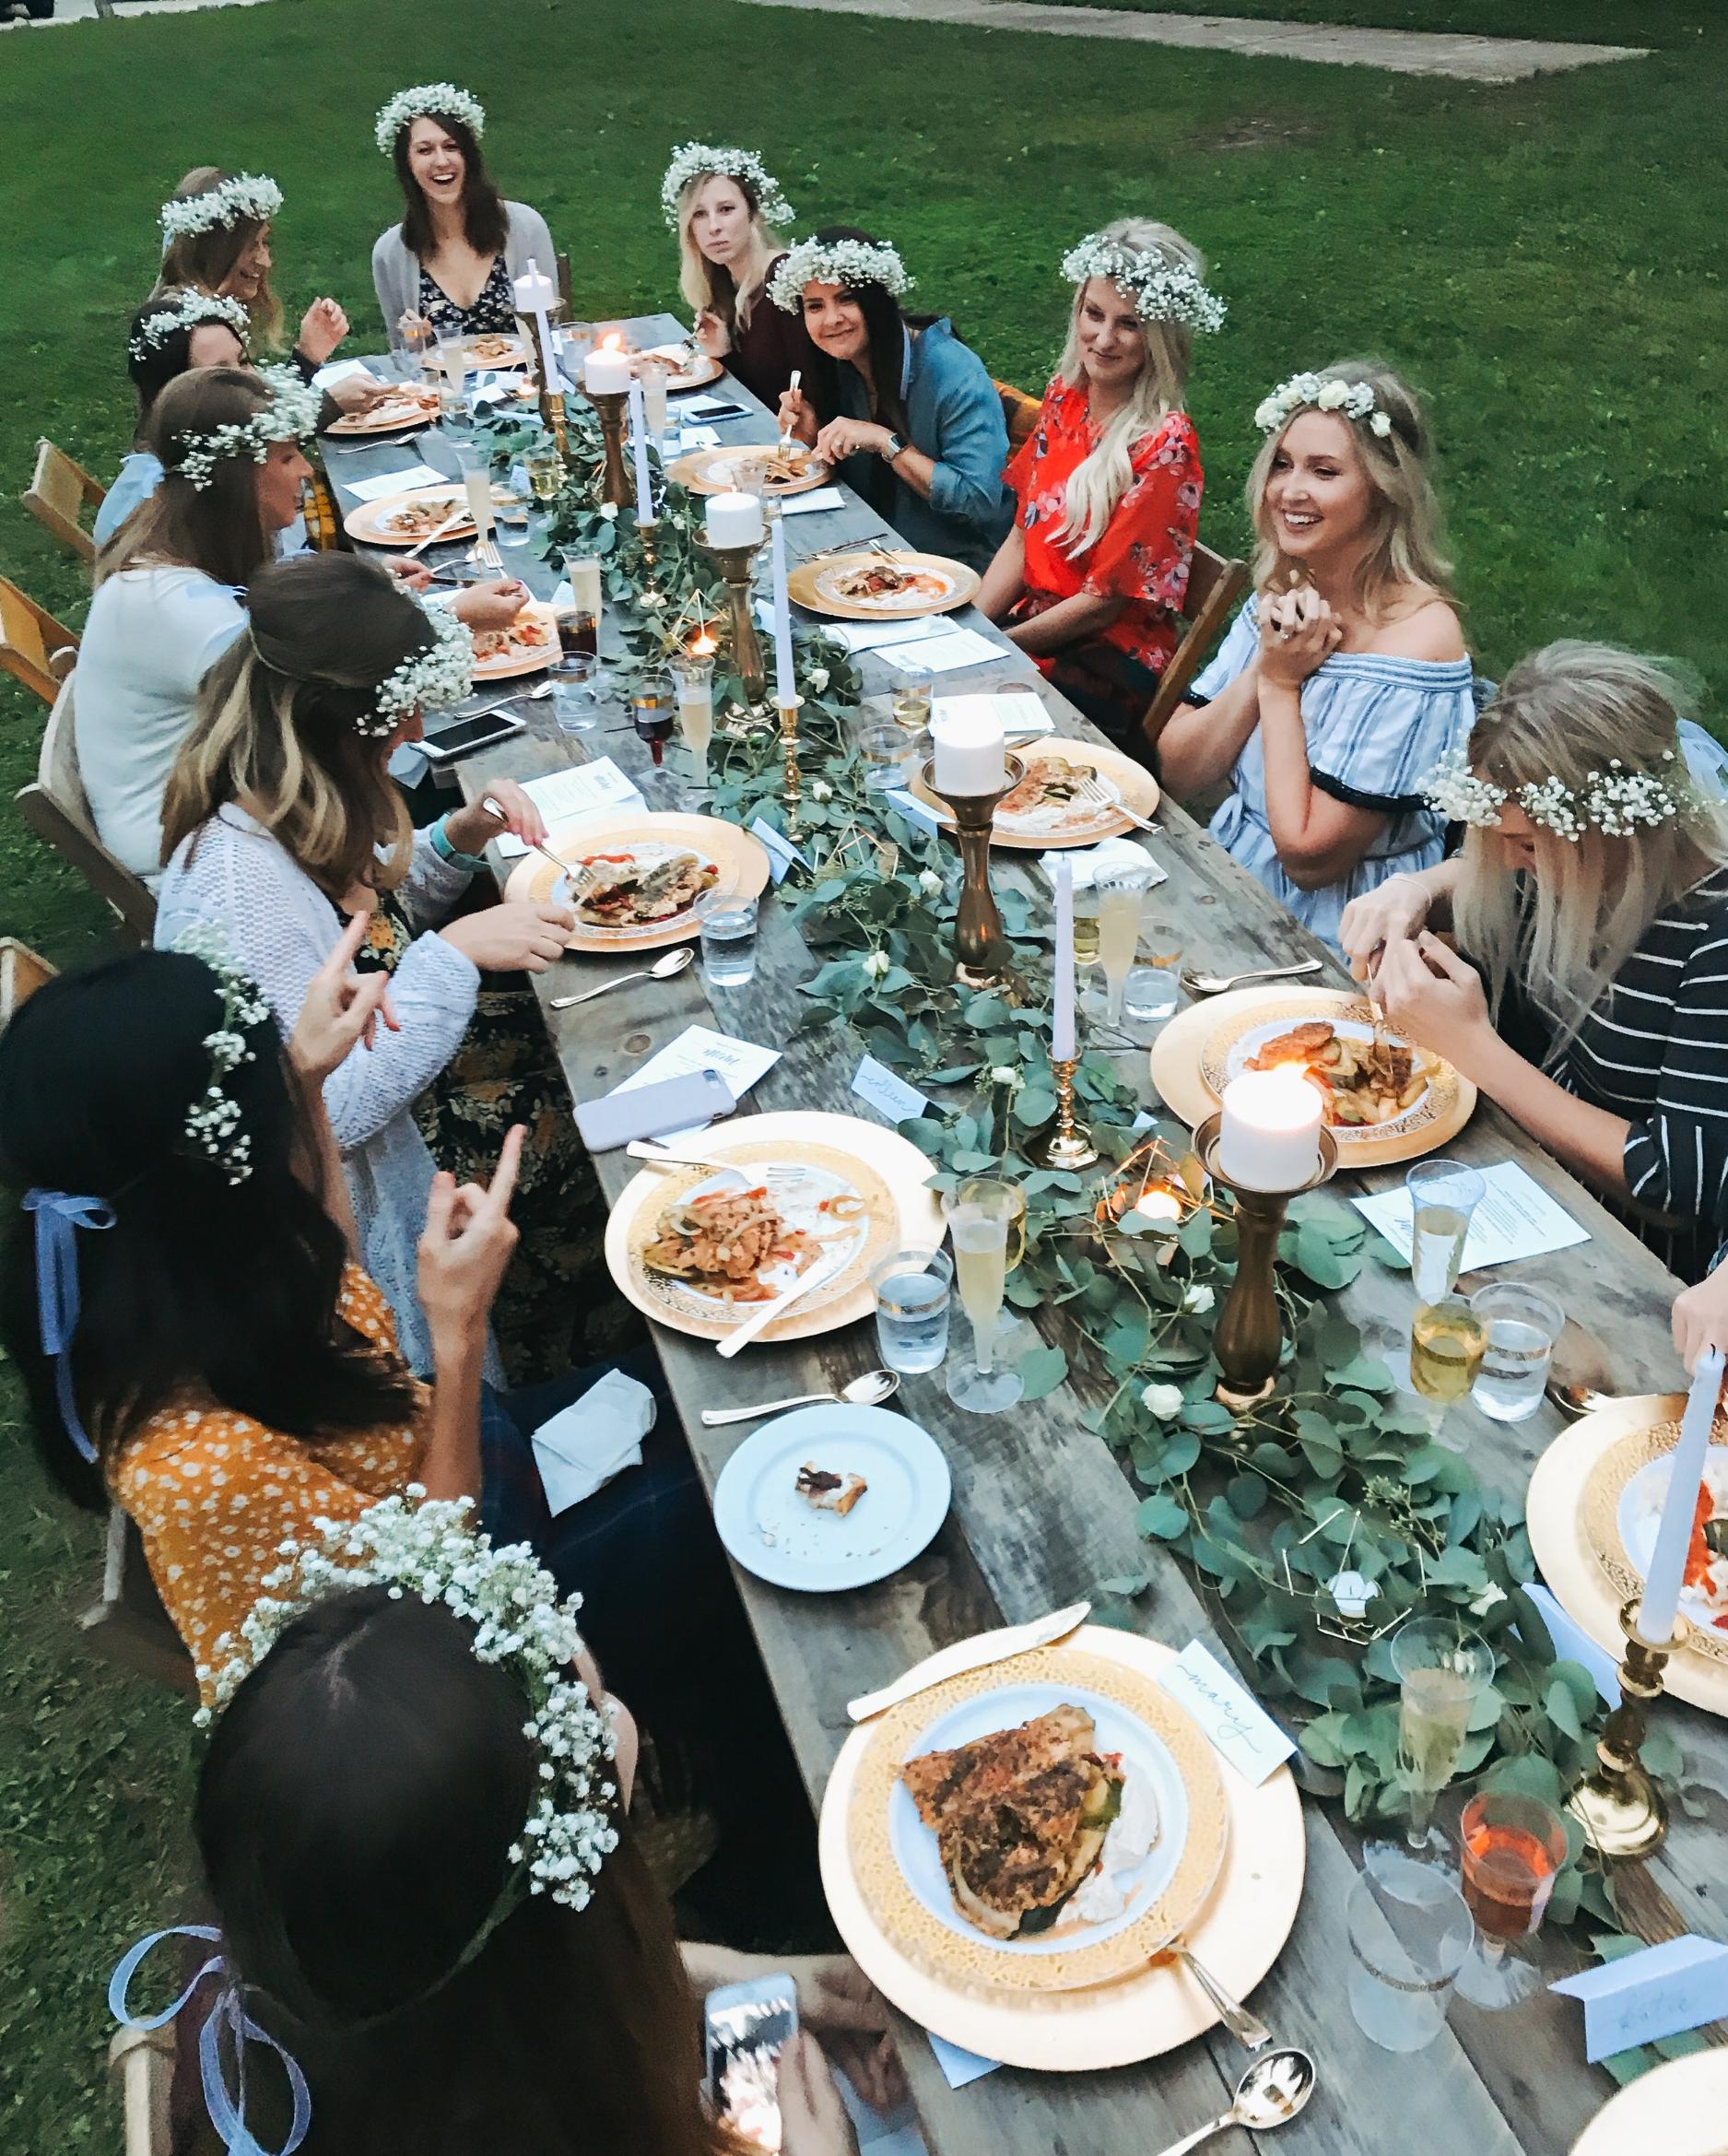 glamping_bachelerette_tablescape_camp_wandawega_dinner.jpg